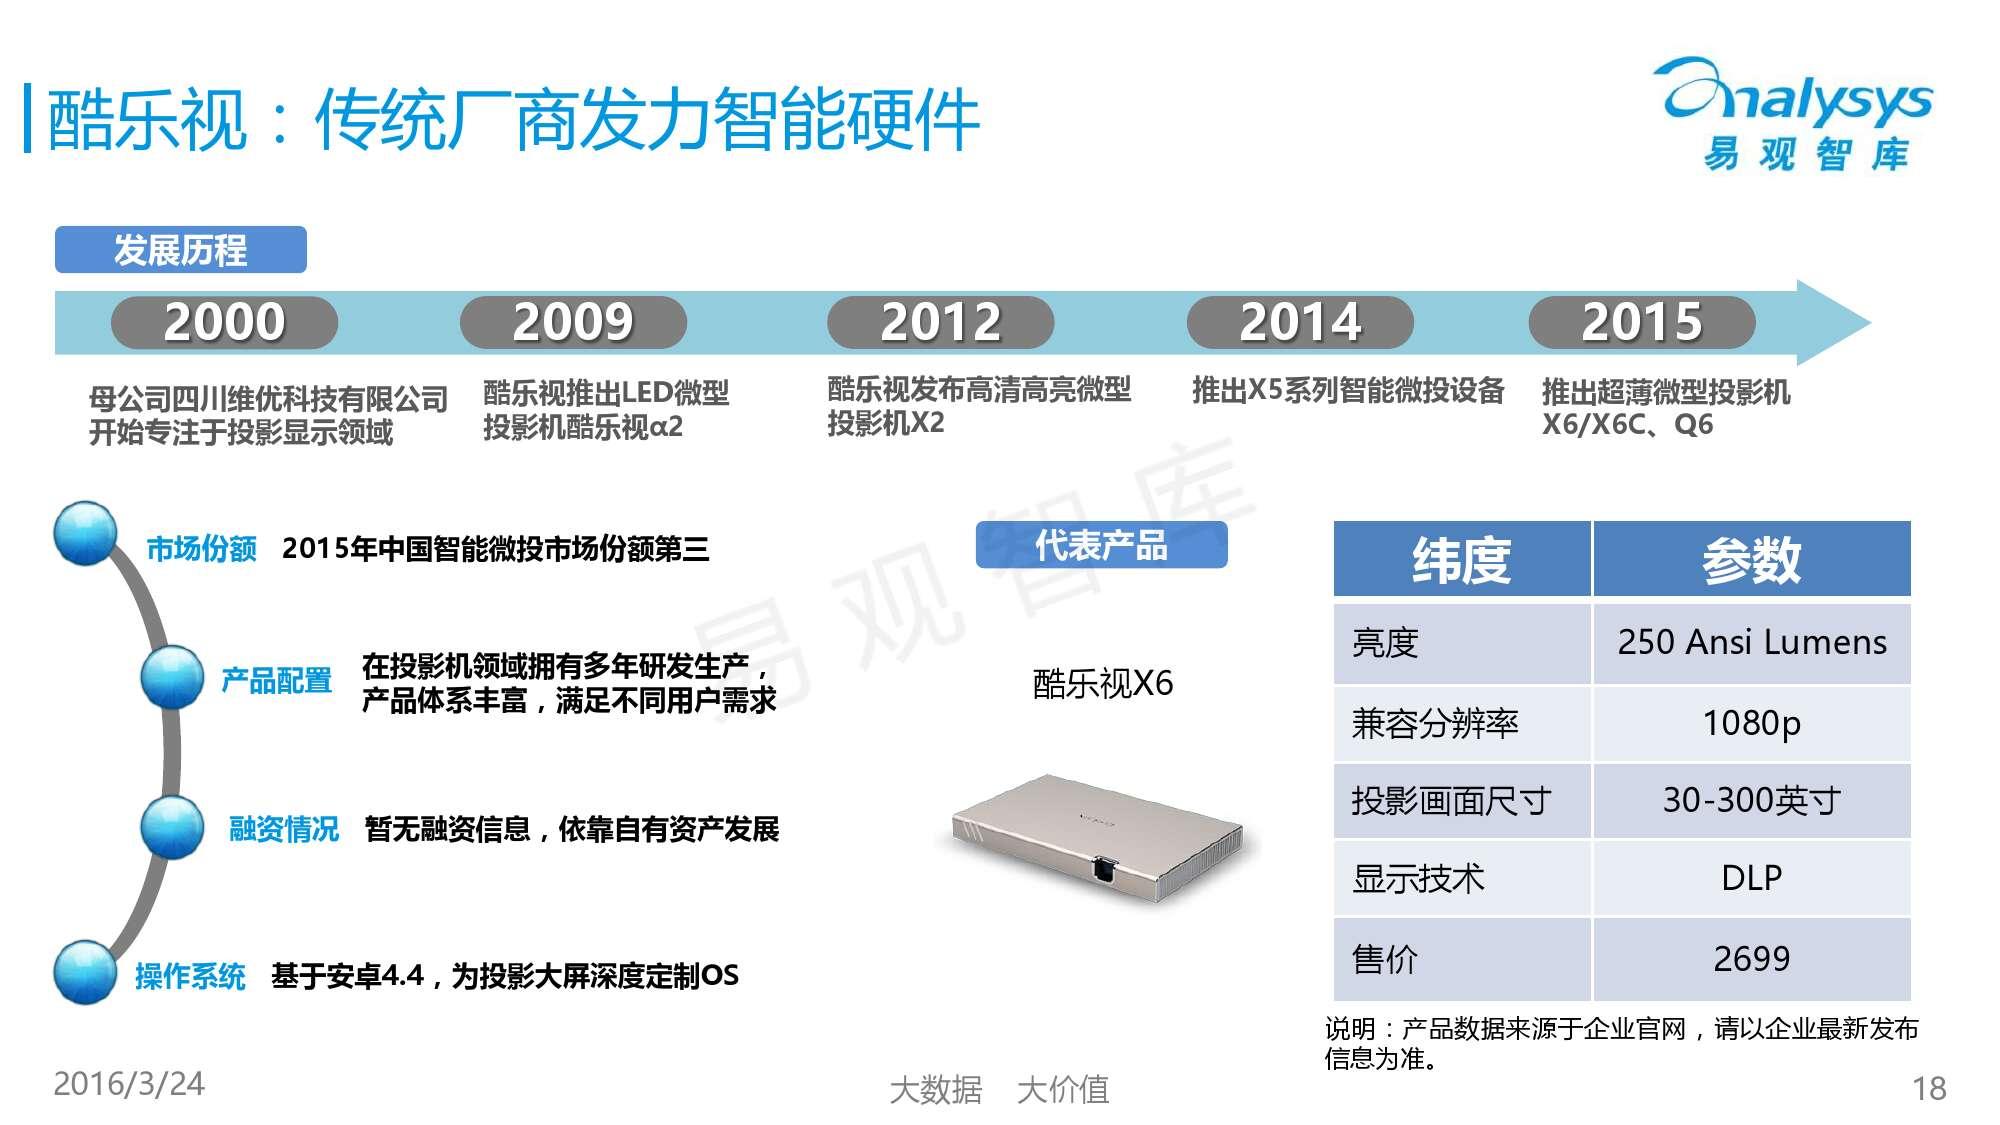 中国智能微投市场专题研究报告2016_000018